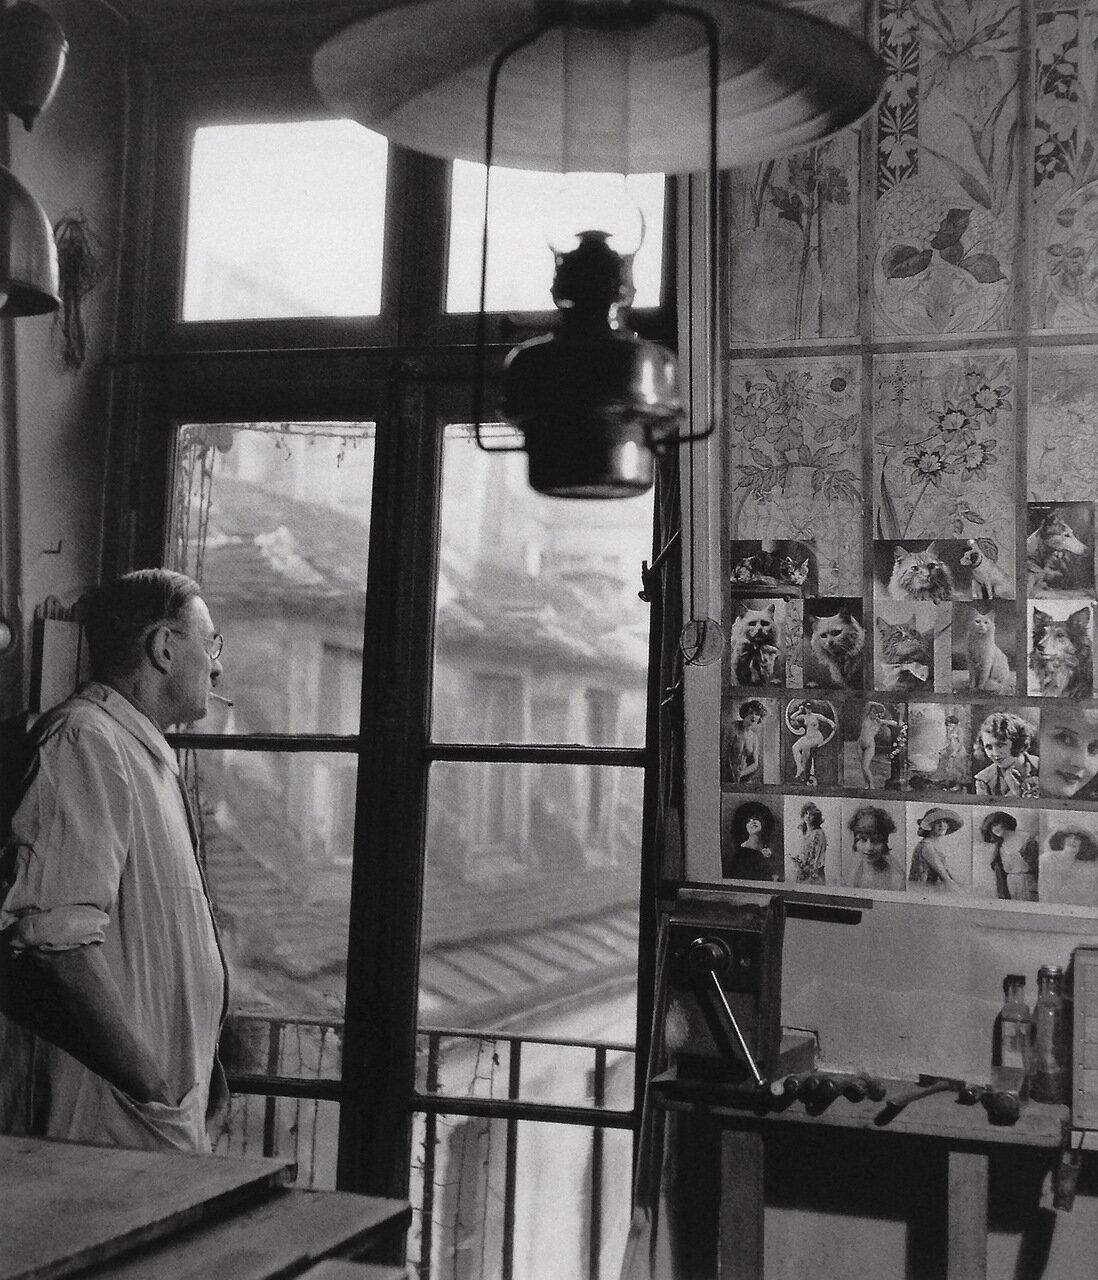 1945. Специалист по маркетри смотрит в окно